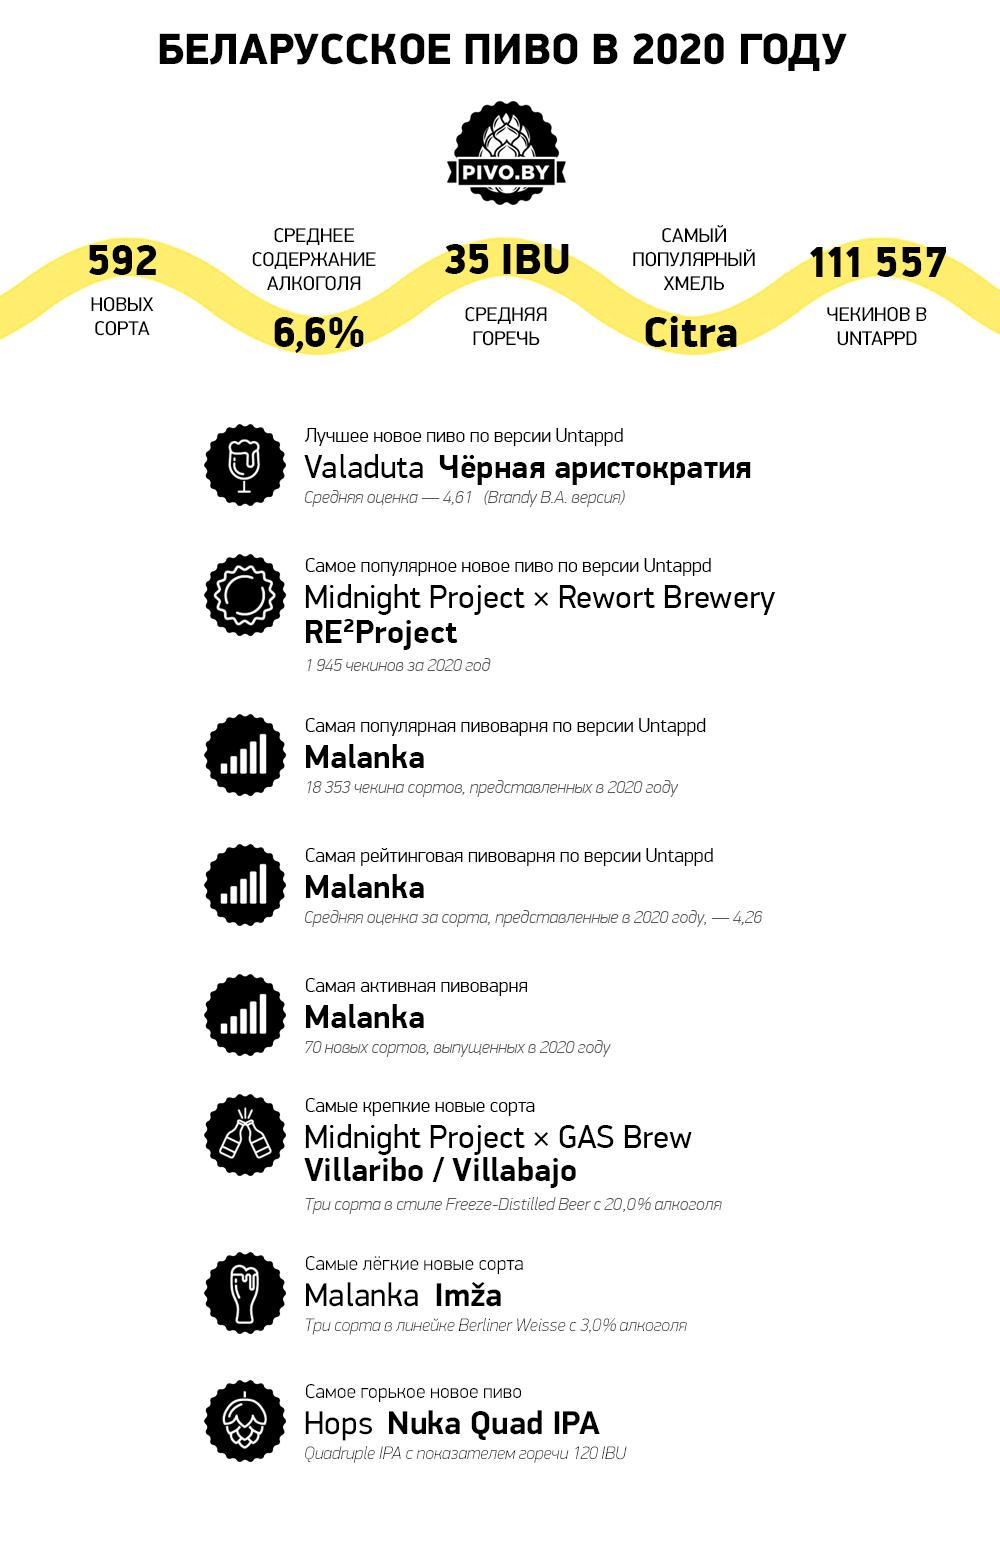 Пивной рынок Беларуси в 2020 году